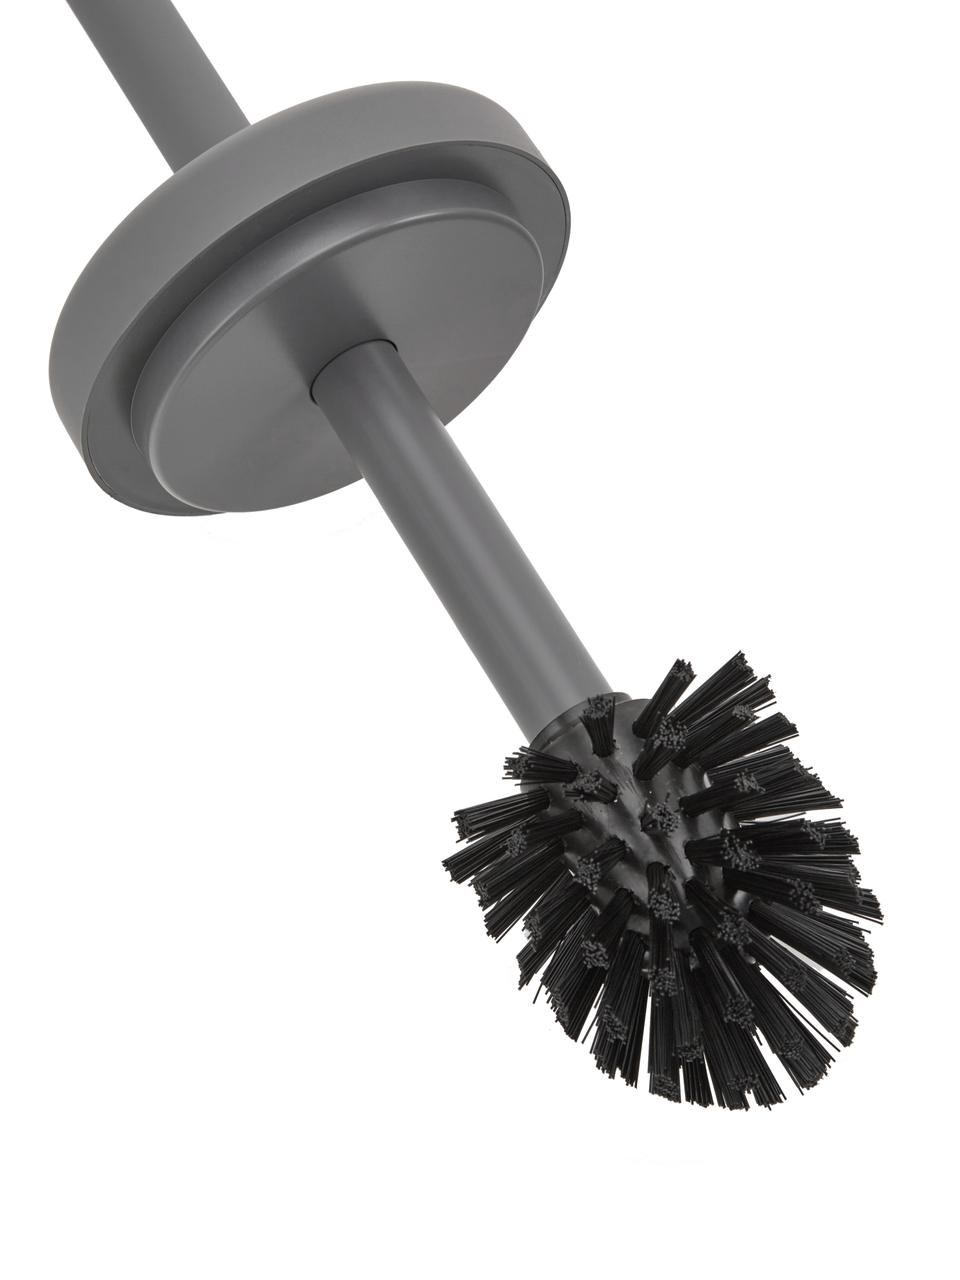 Toilettenbürste Ume mit Steingut-Behälter, Behälter: Steingut überzogen mit So, Griff: Kunststoff, Grau, matt, Ø 10 x H 39 cm